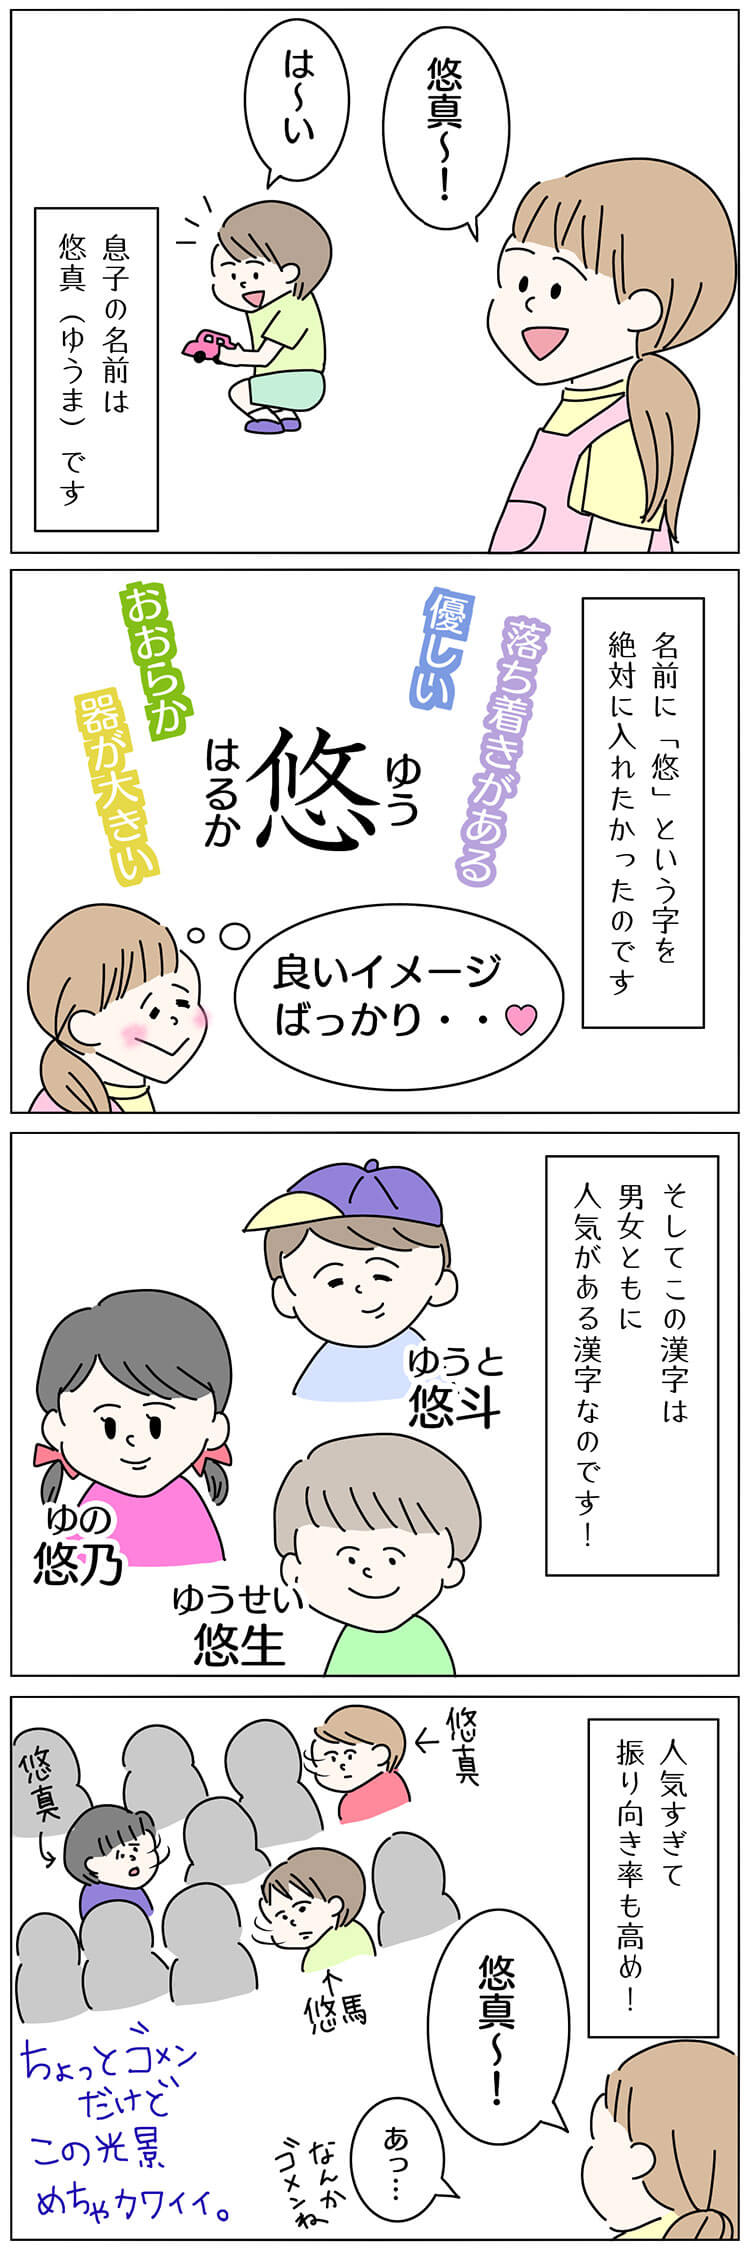 悠を名前につけた子育て4コマ漫画